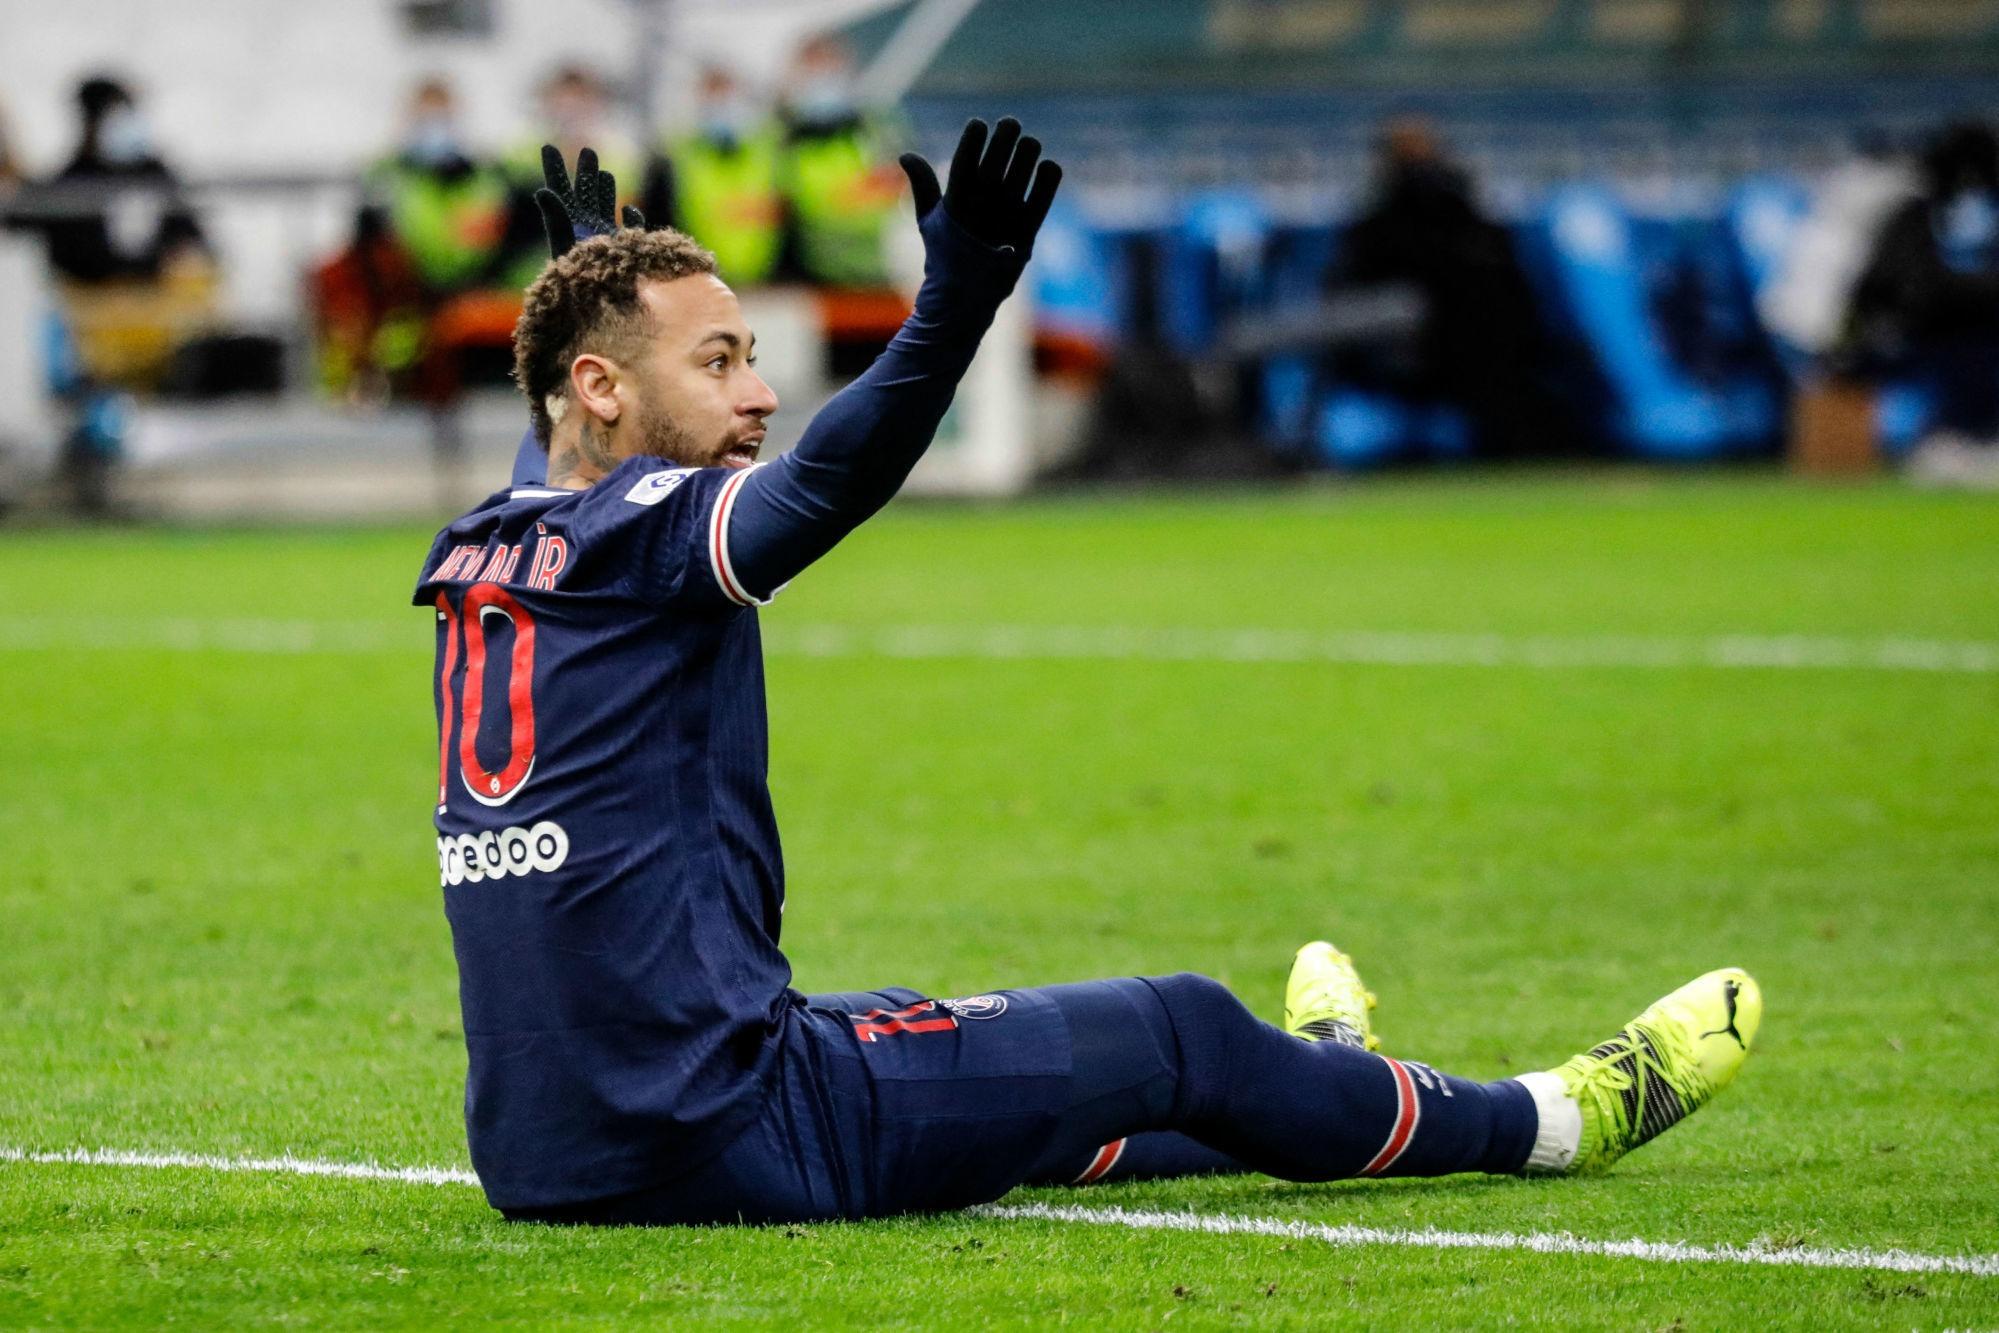 Si Neymar «respecte le plan de jeu, le PSG sera forcément bien meilleur», assure Govou